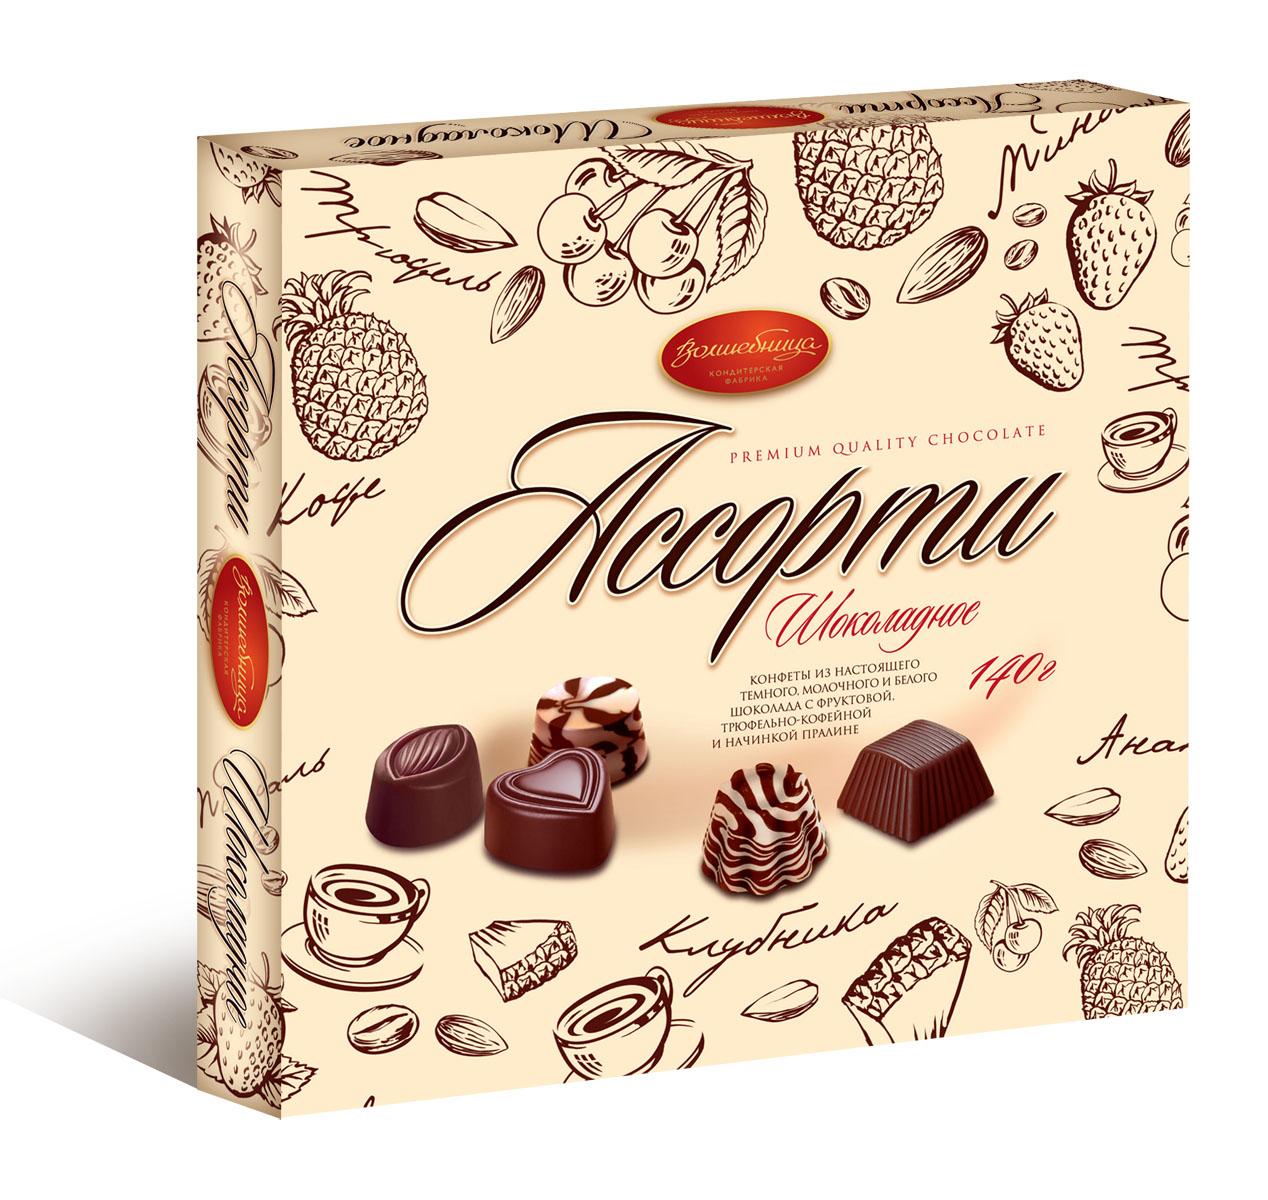 Волшебница конфеты шоколадное ассорти (белые), 140 г брокколи капуста vитамин 400 г